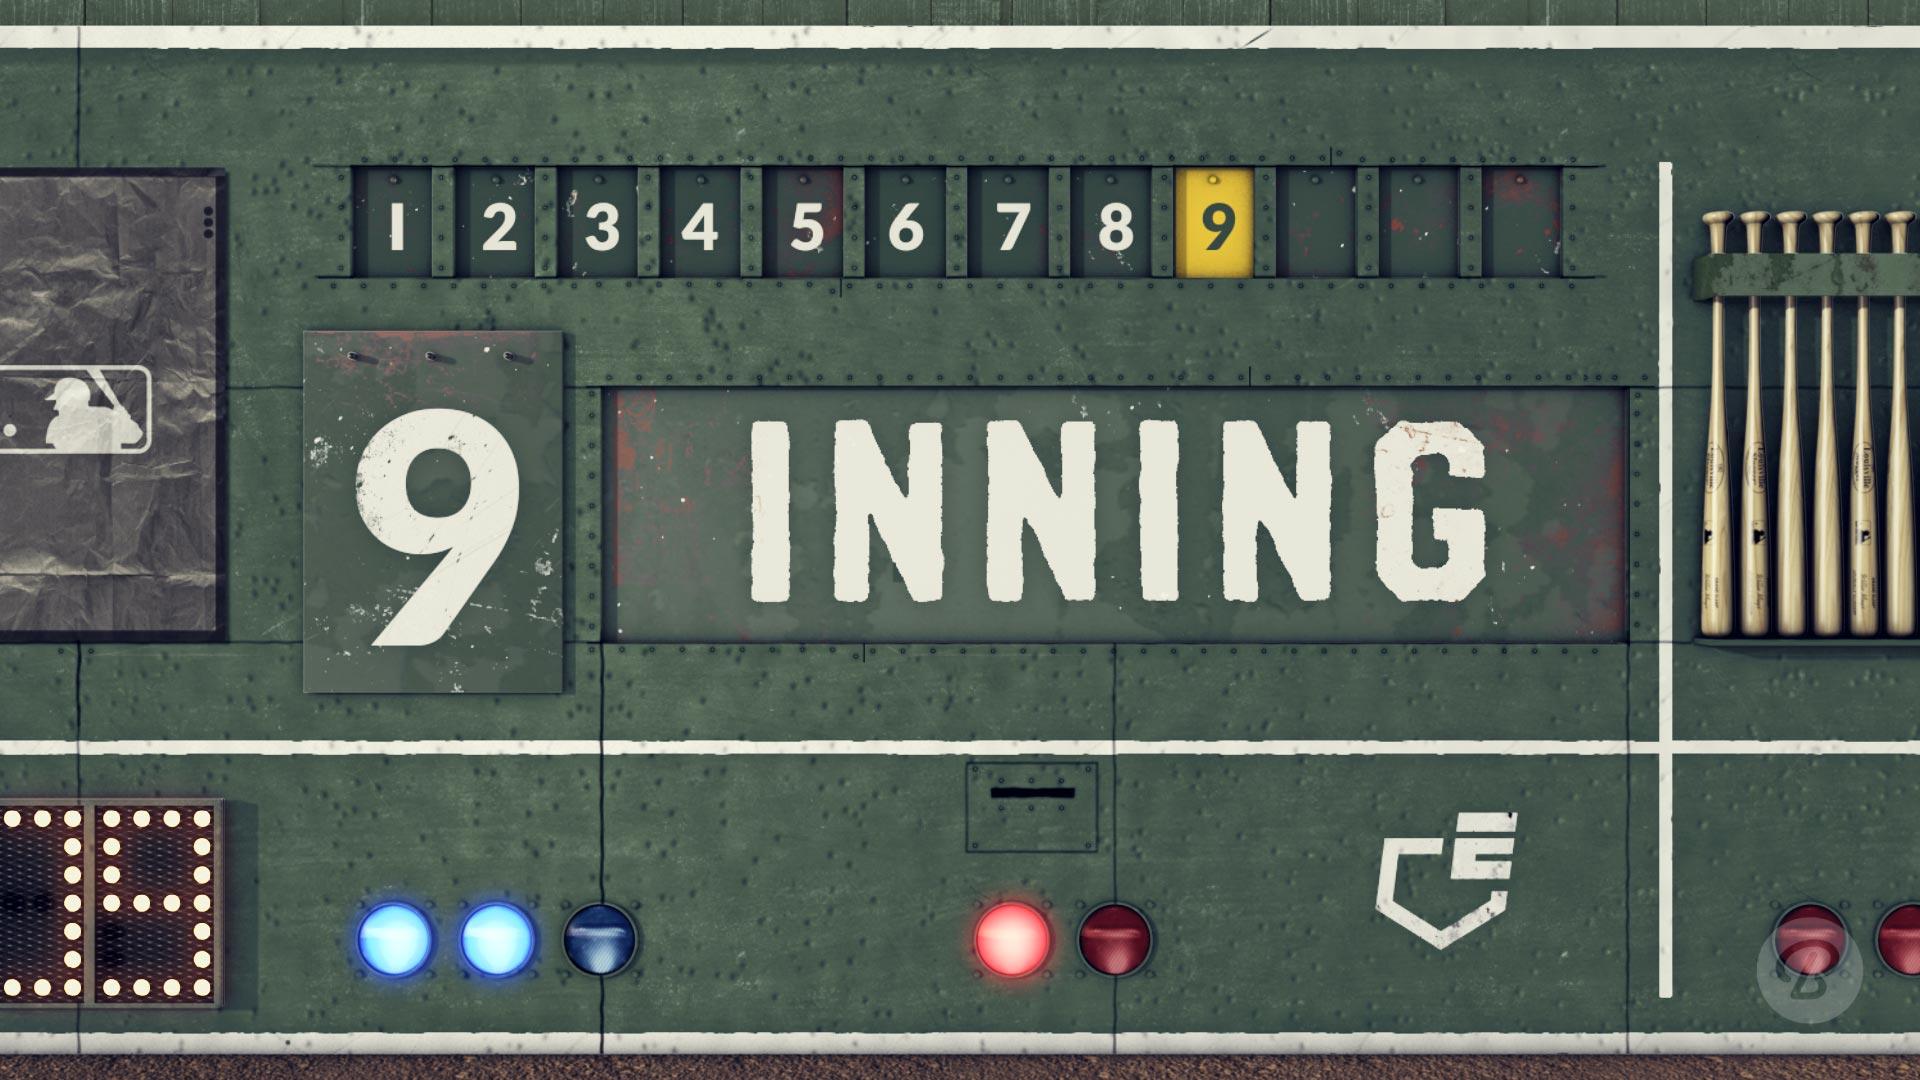 inning_trans_02b_00001.jpg